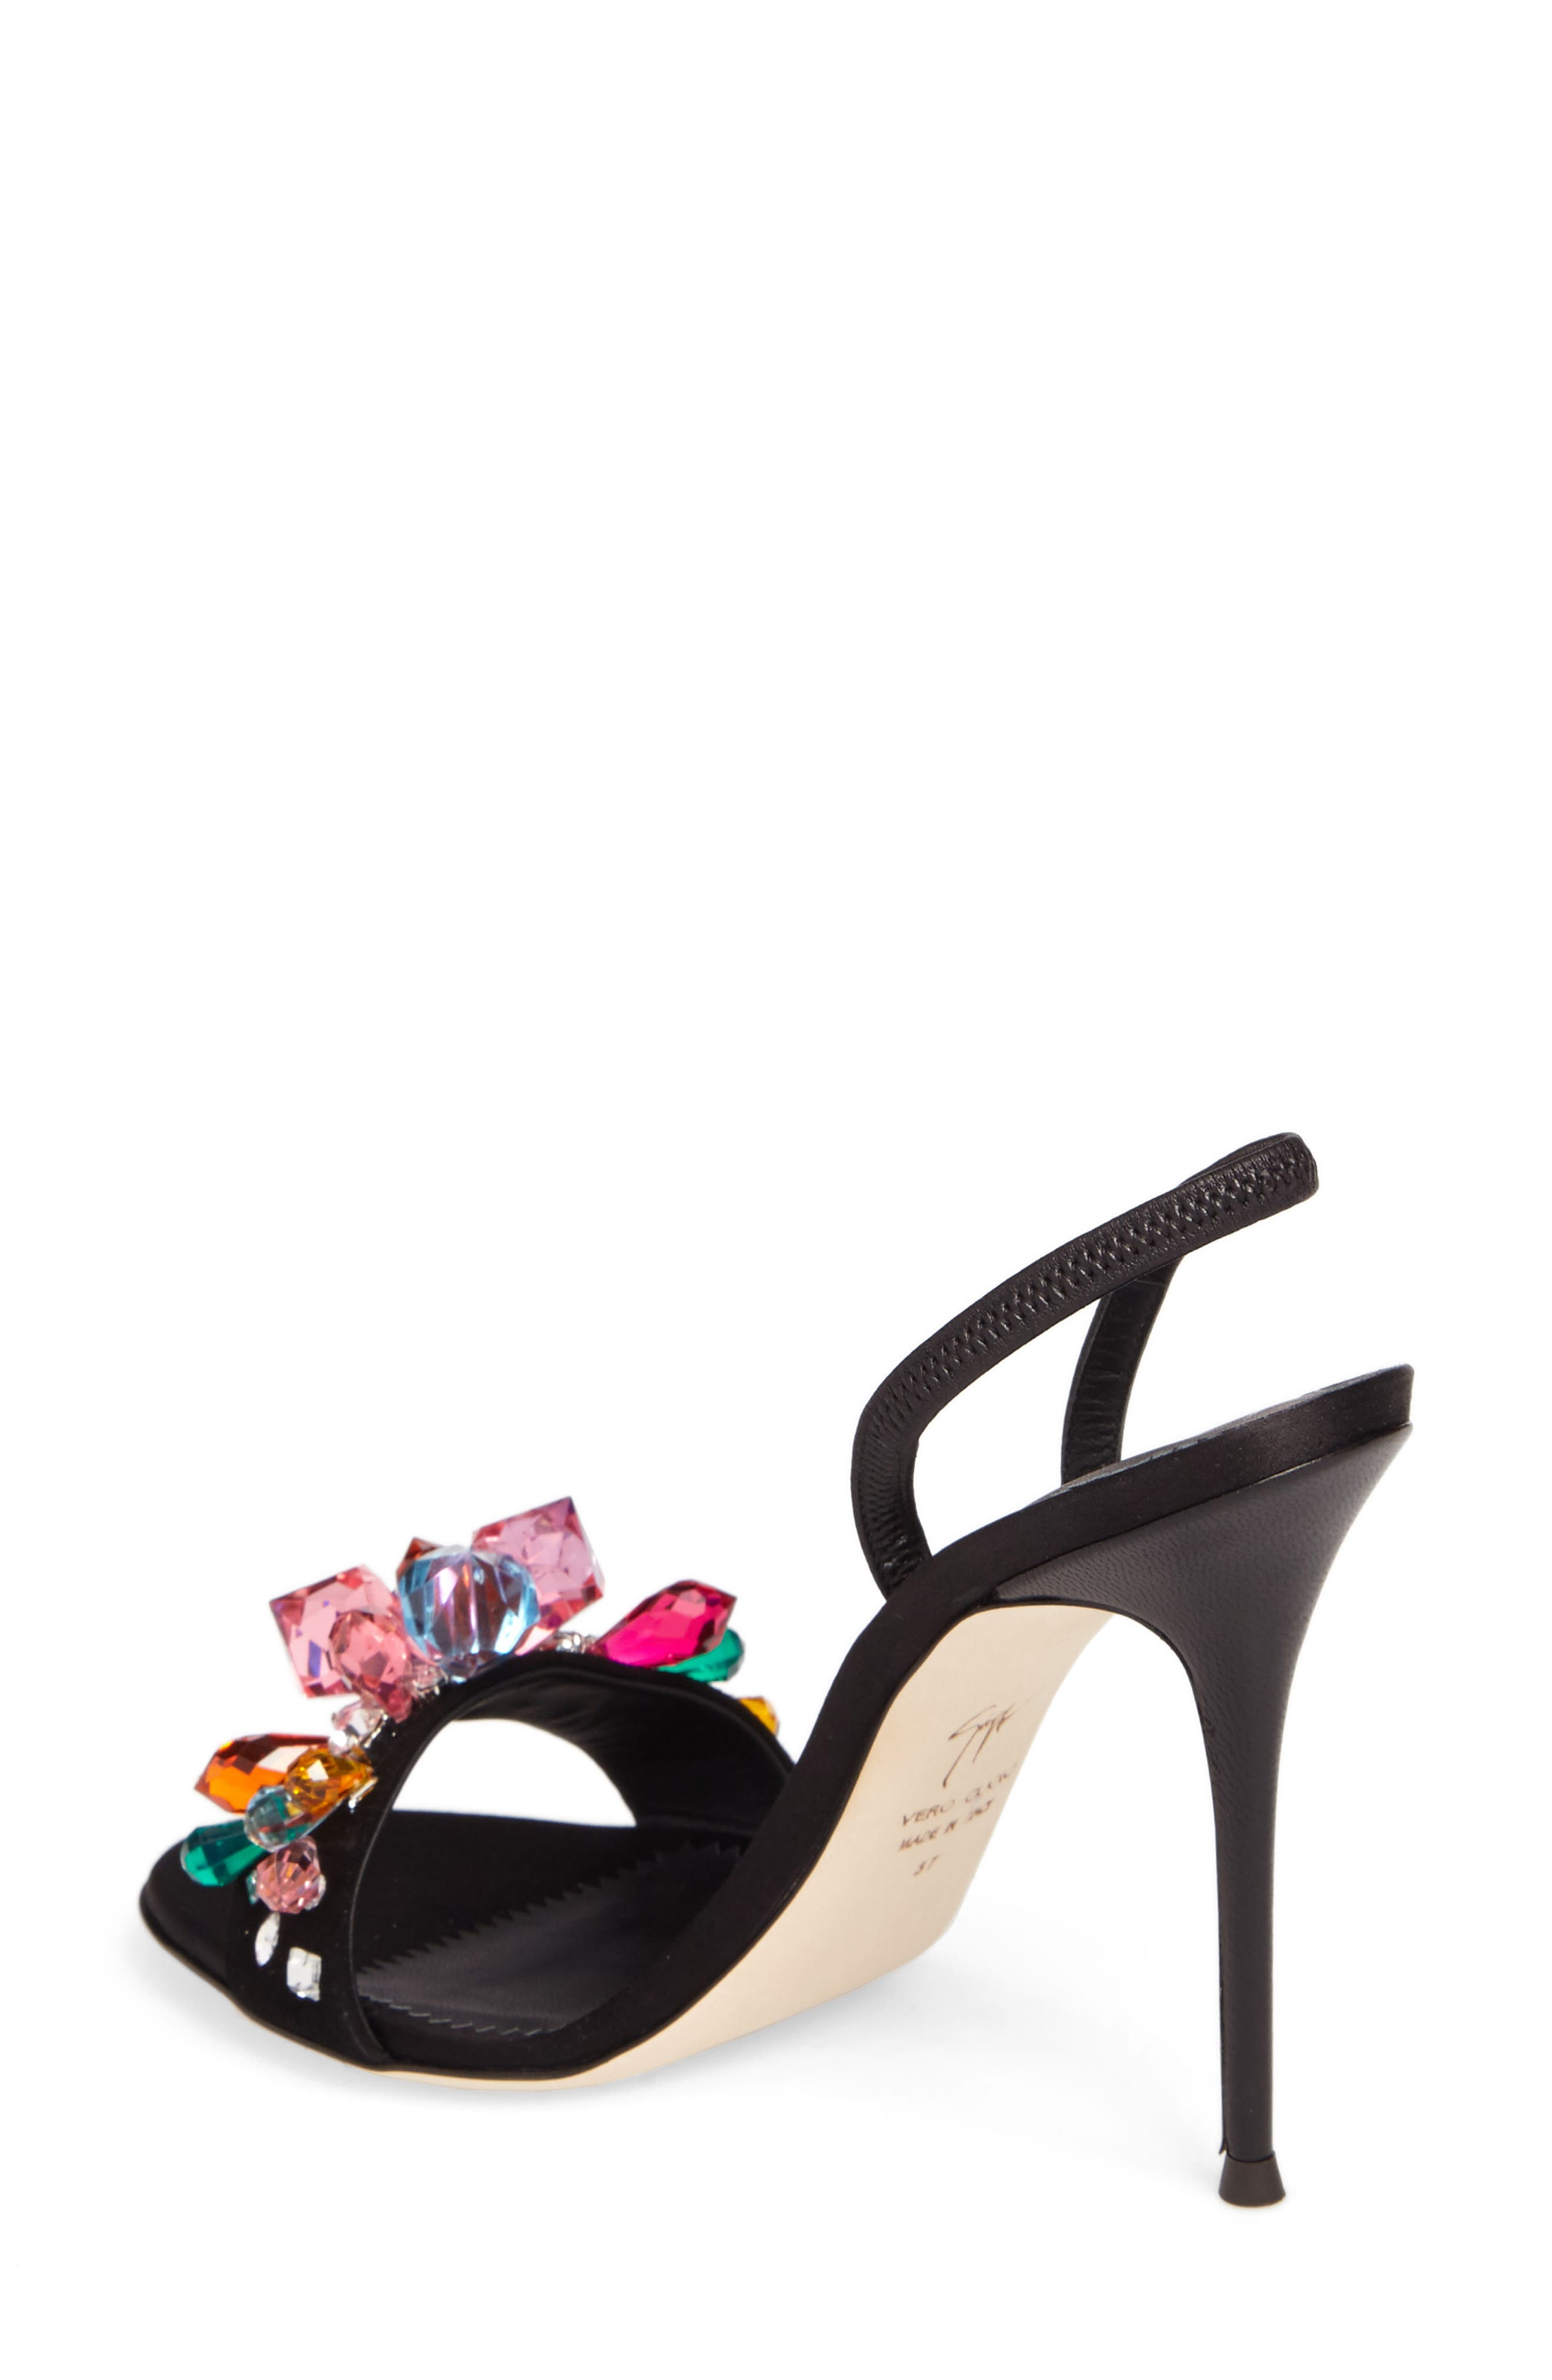 Mistico Crystal Embellished Slingback Sandal,                             Alternate thumbnail 2, color,